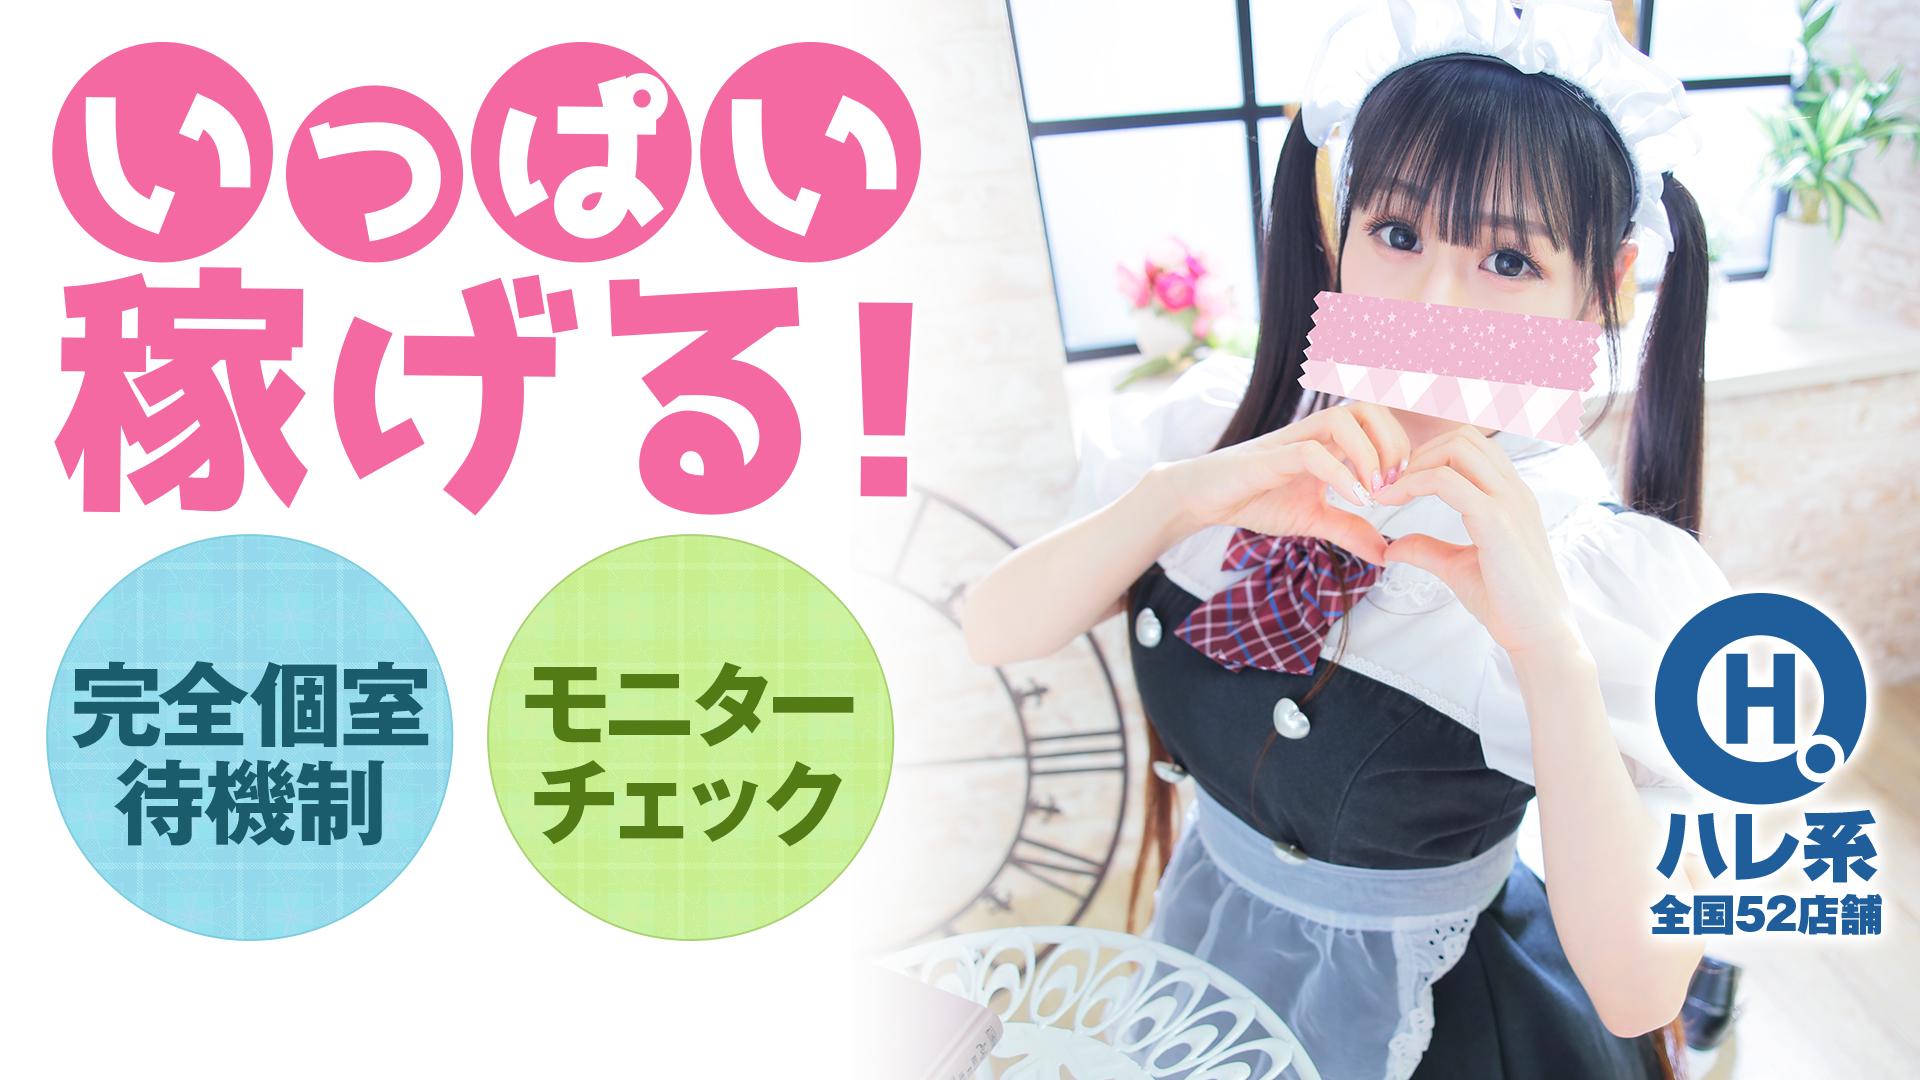 メイドin中野 (東京ハレ系)の求人画像